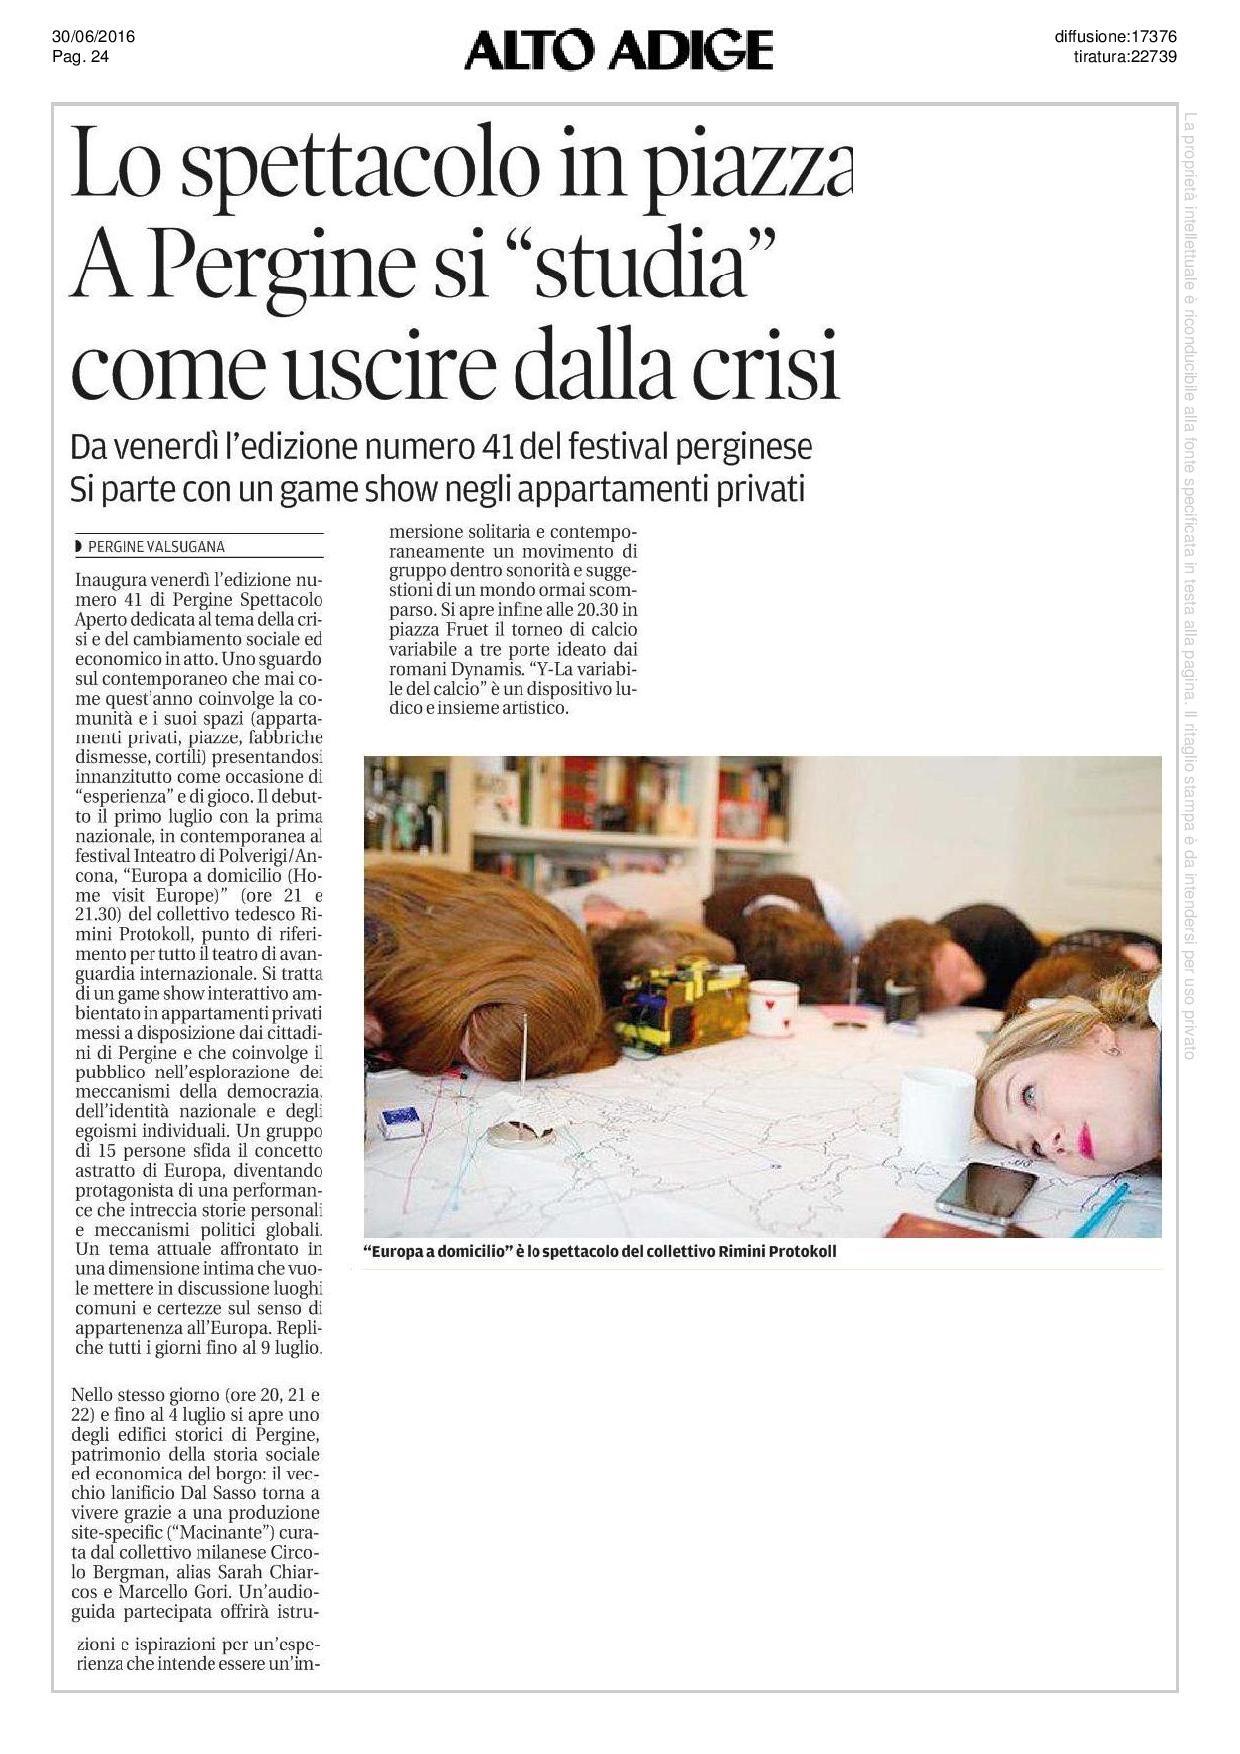 20160630_lo spettacolo in piazzaq a pergine si studia come uscire dalla crisi_l adige-page-001